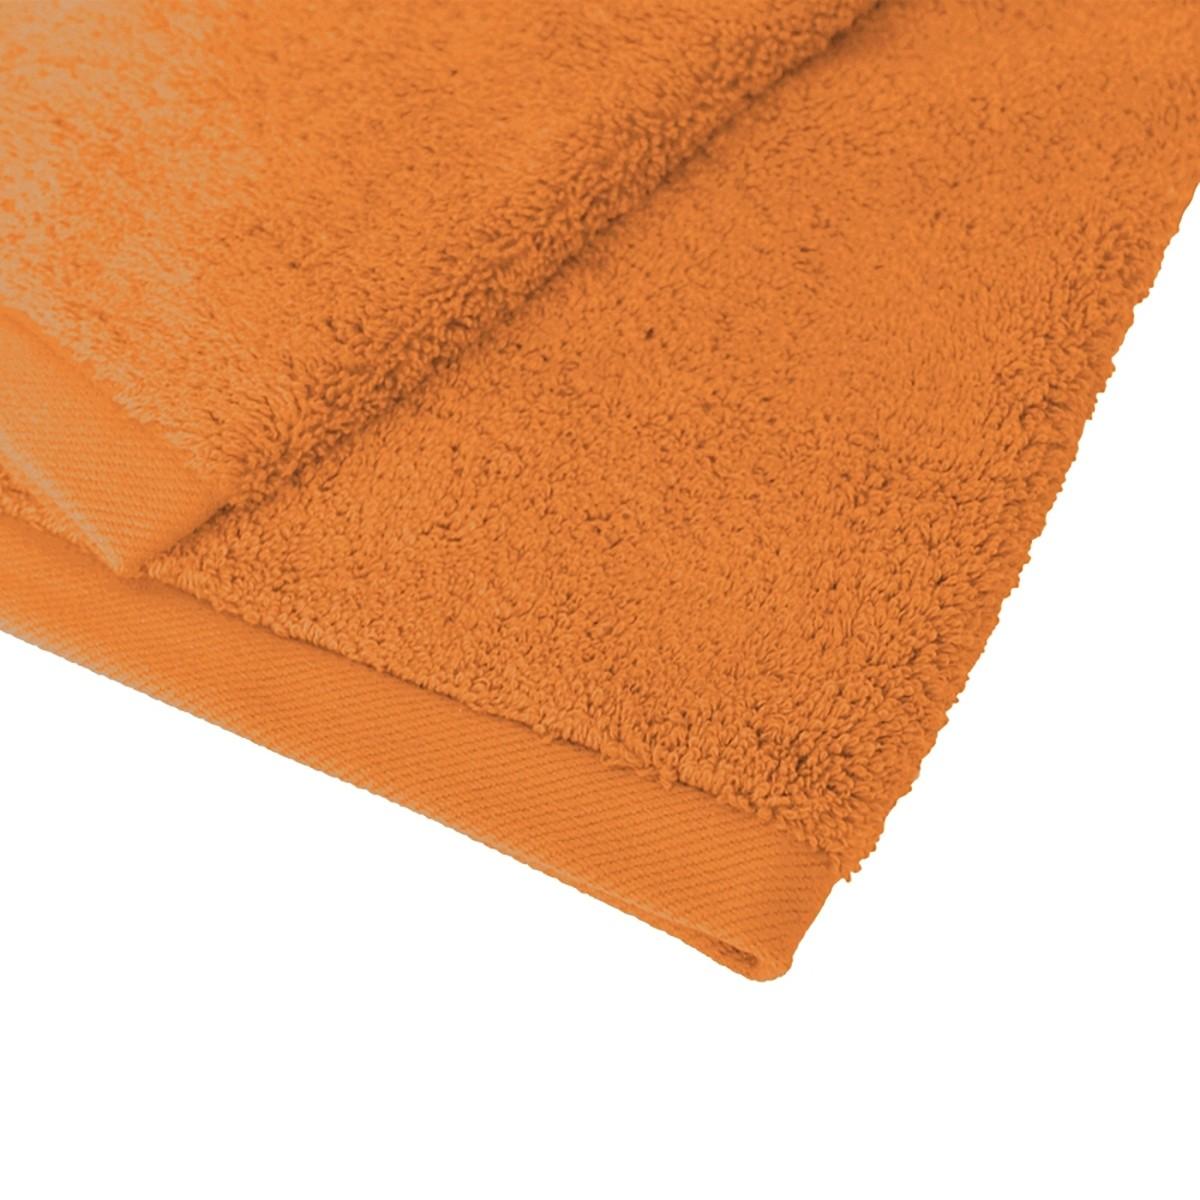 MAR Bath Towels 100% Cotton, LAMEIRINHO